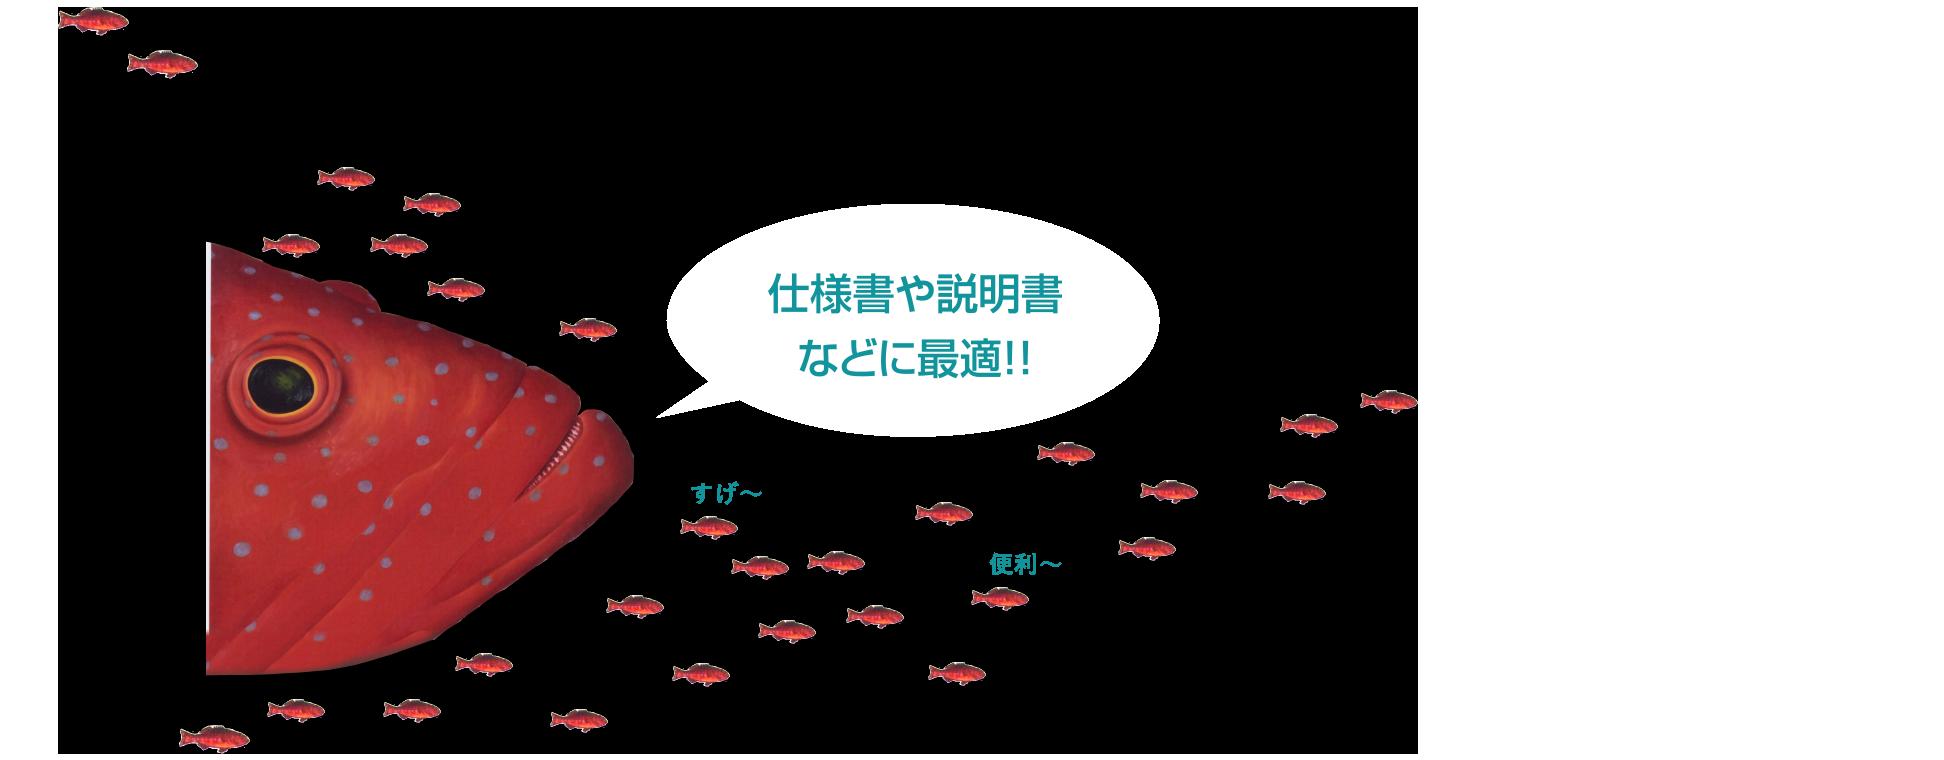 仕様書や説明書などに最適!!